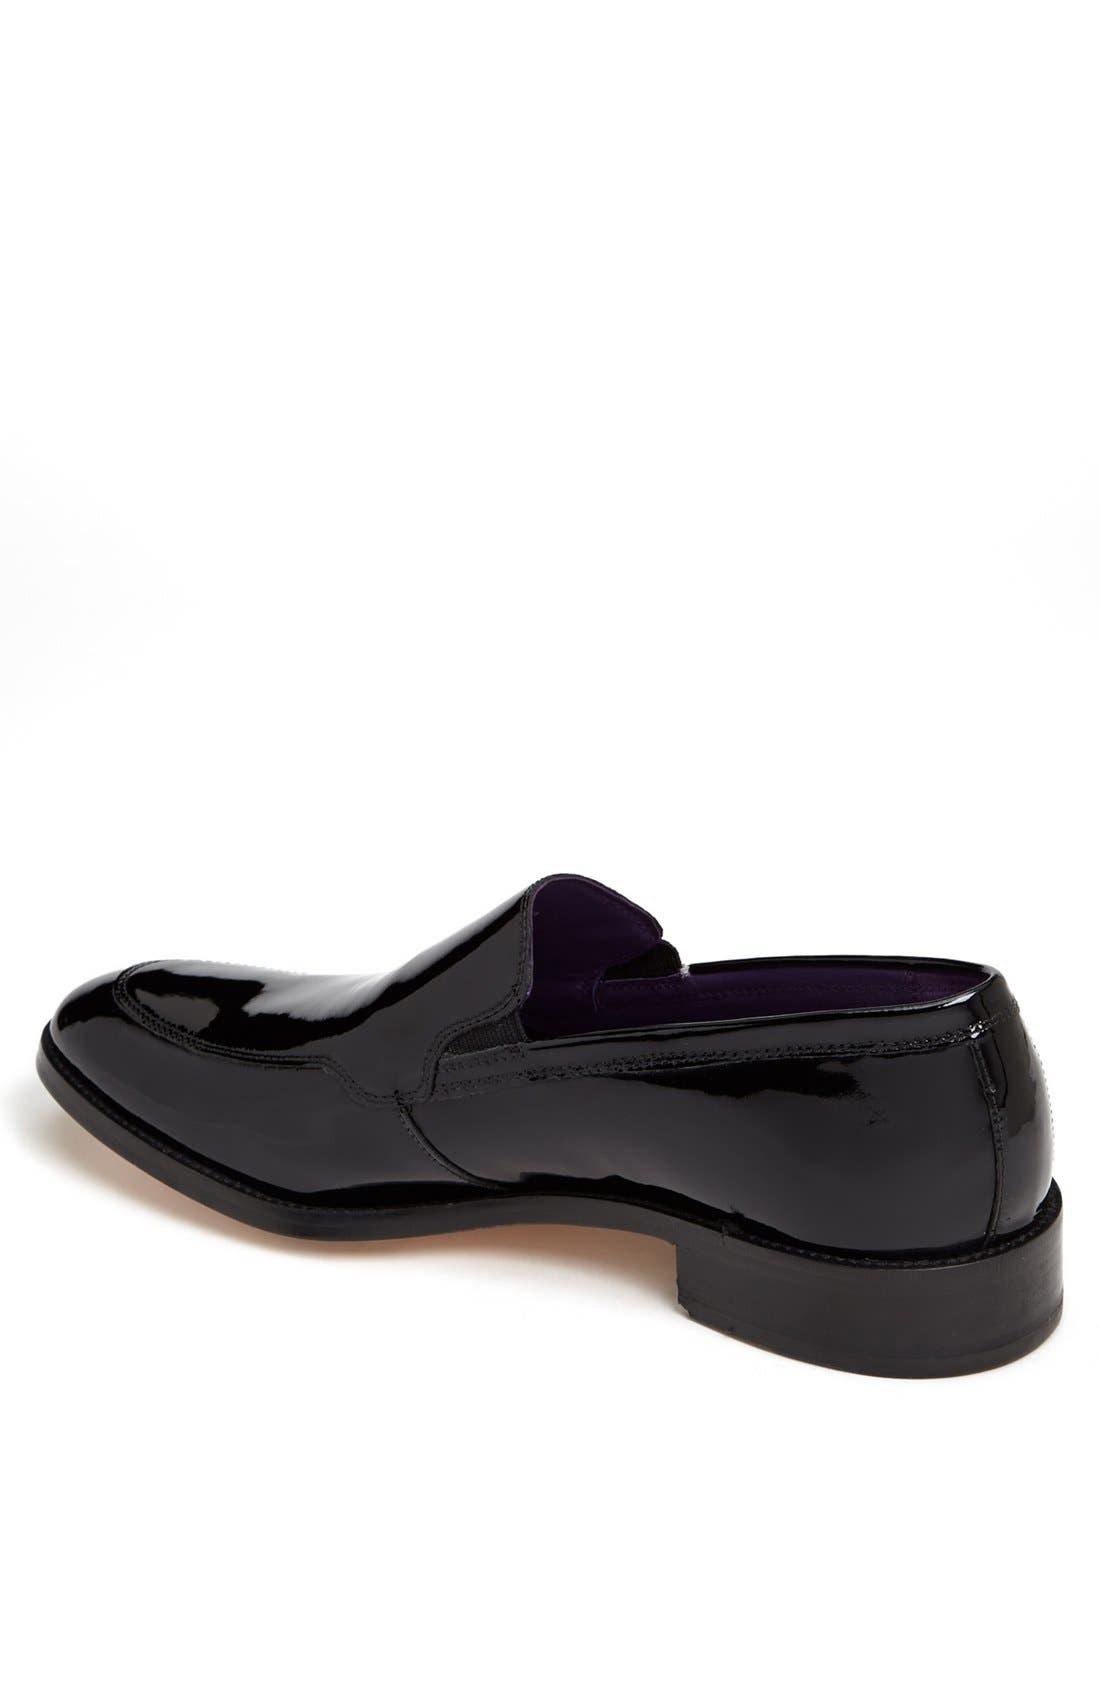 Alternate Image 2  - Cole Haan 'Lenox Hill' Formal Loafer   (Men)